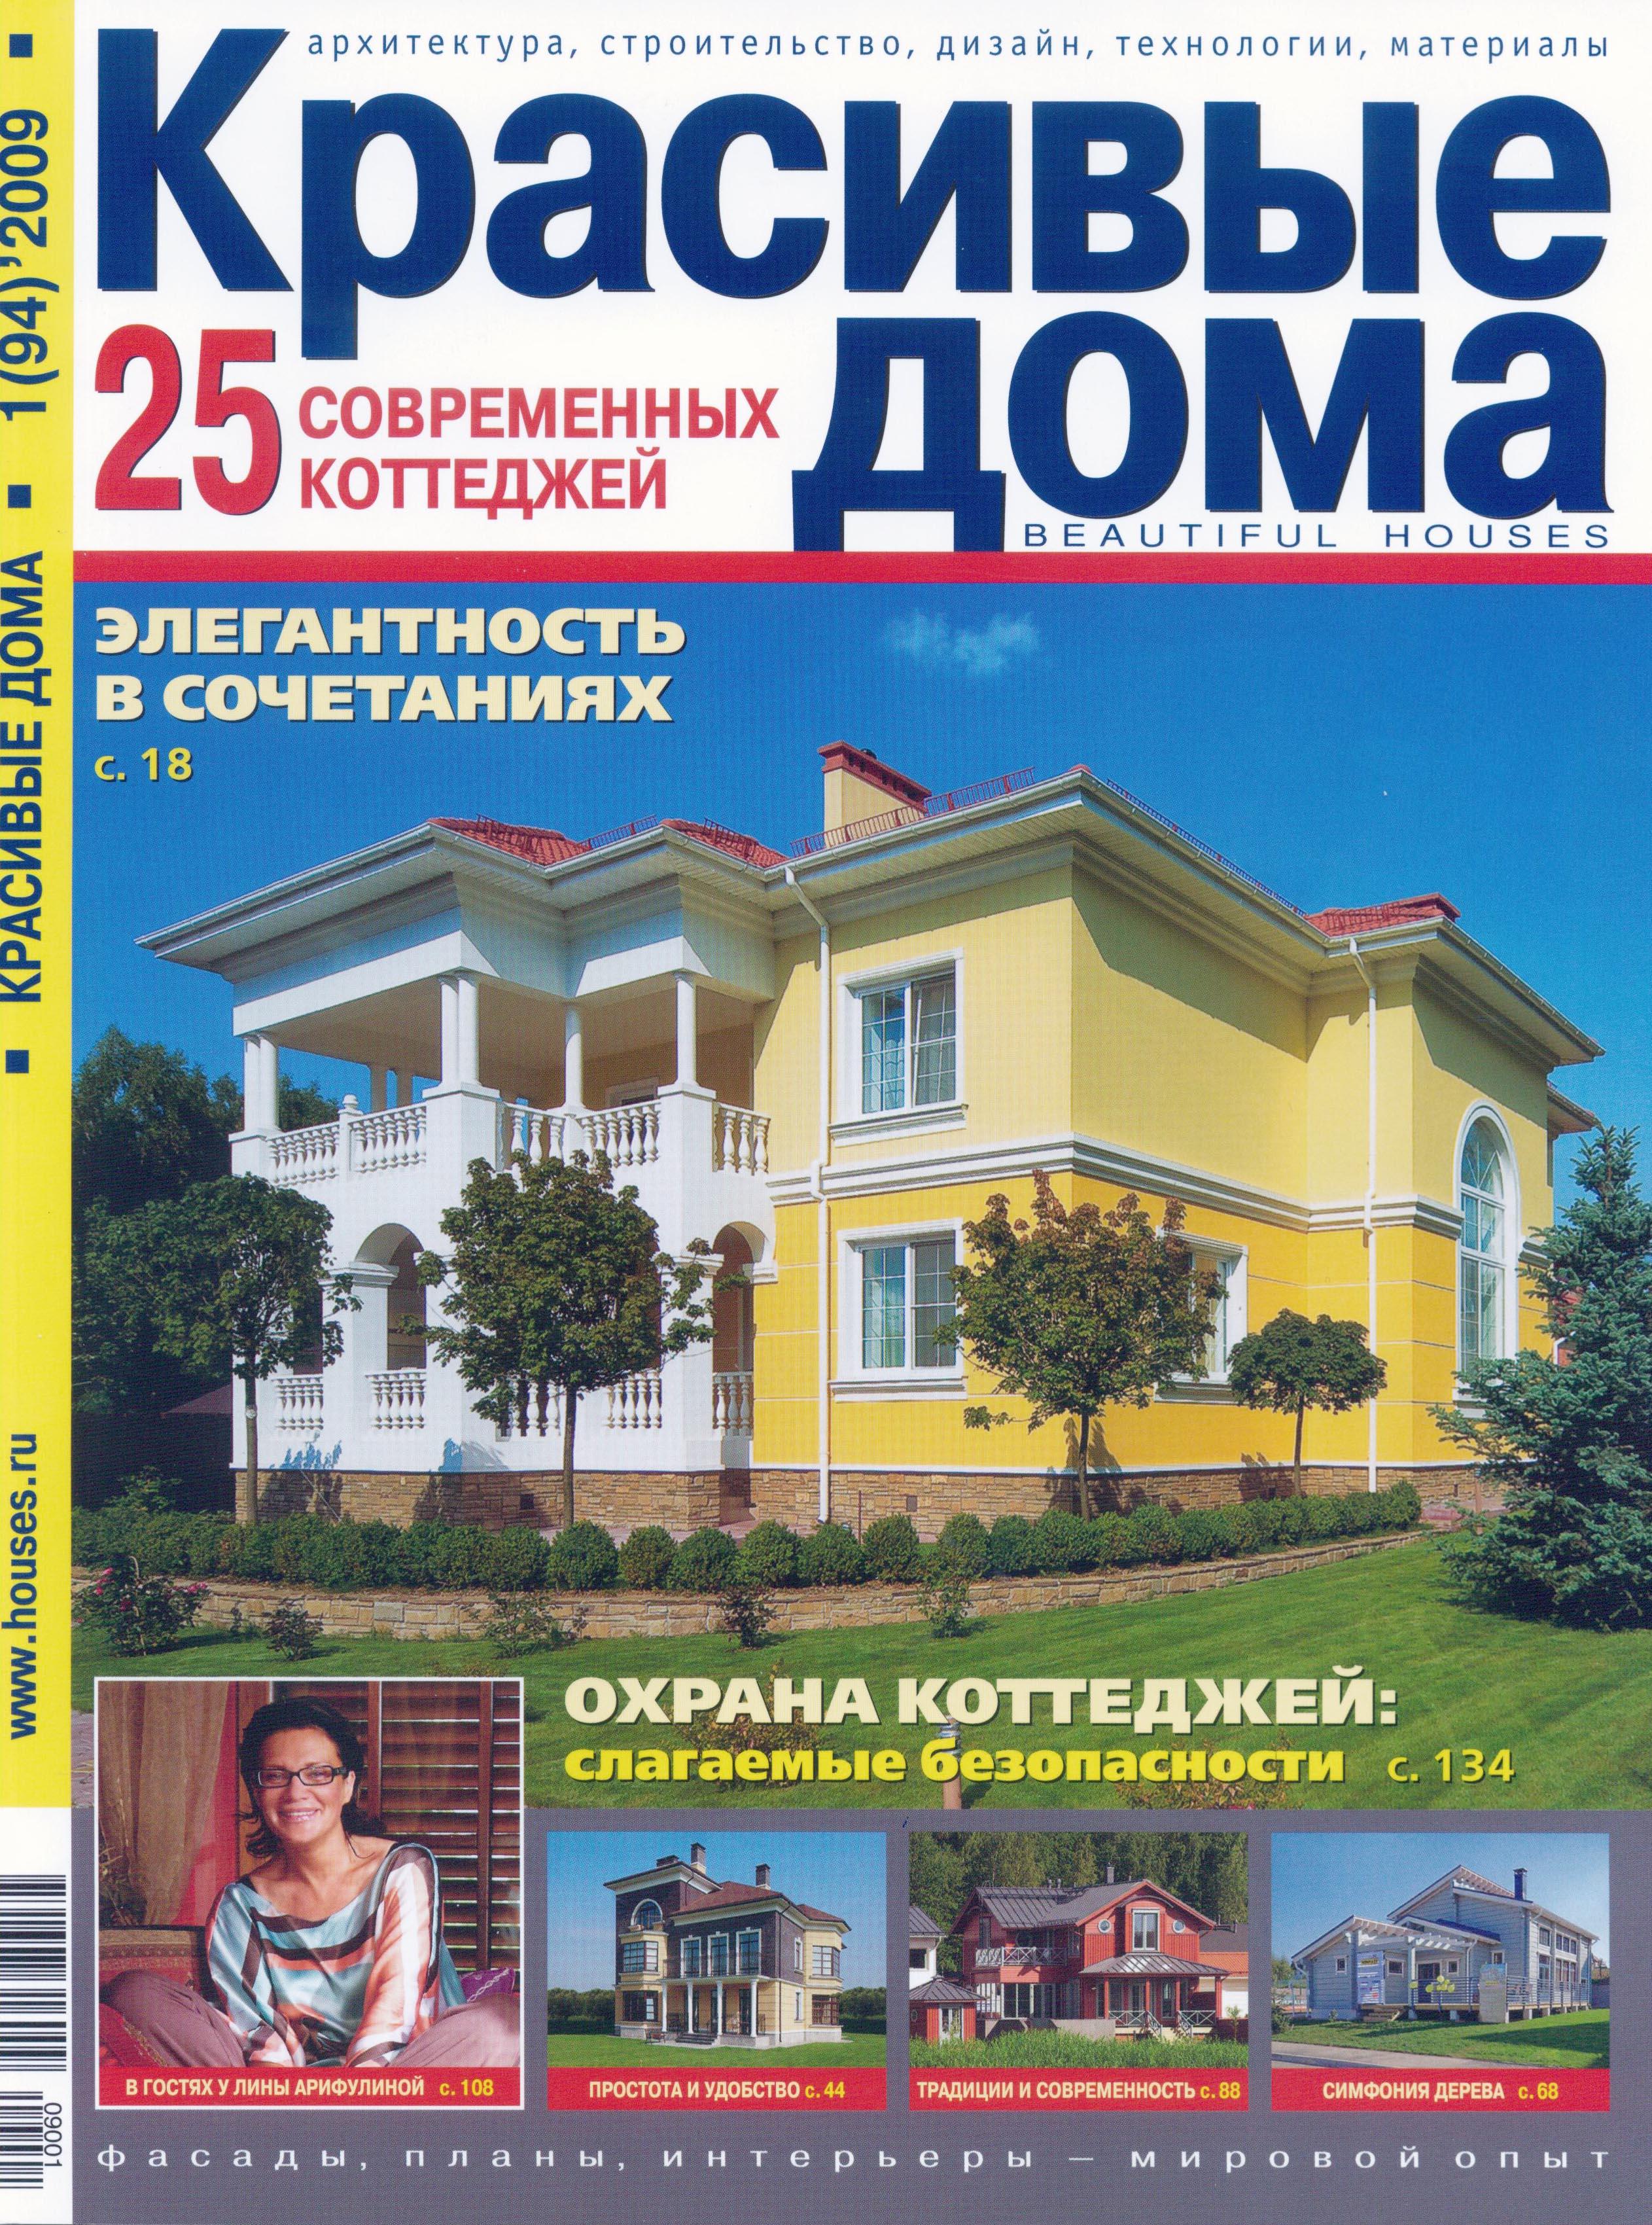 Журналы красивые дома смотреть онлайн, днем рождения